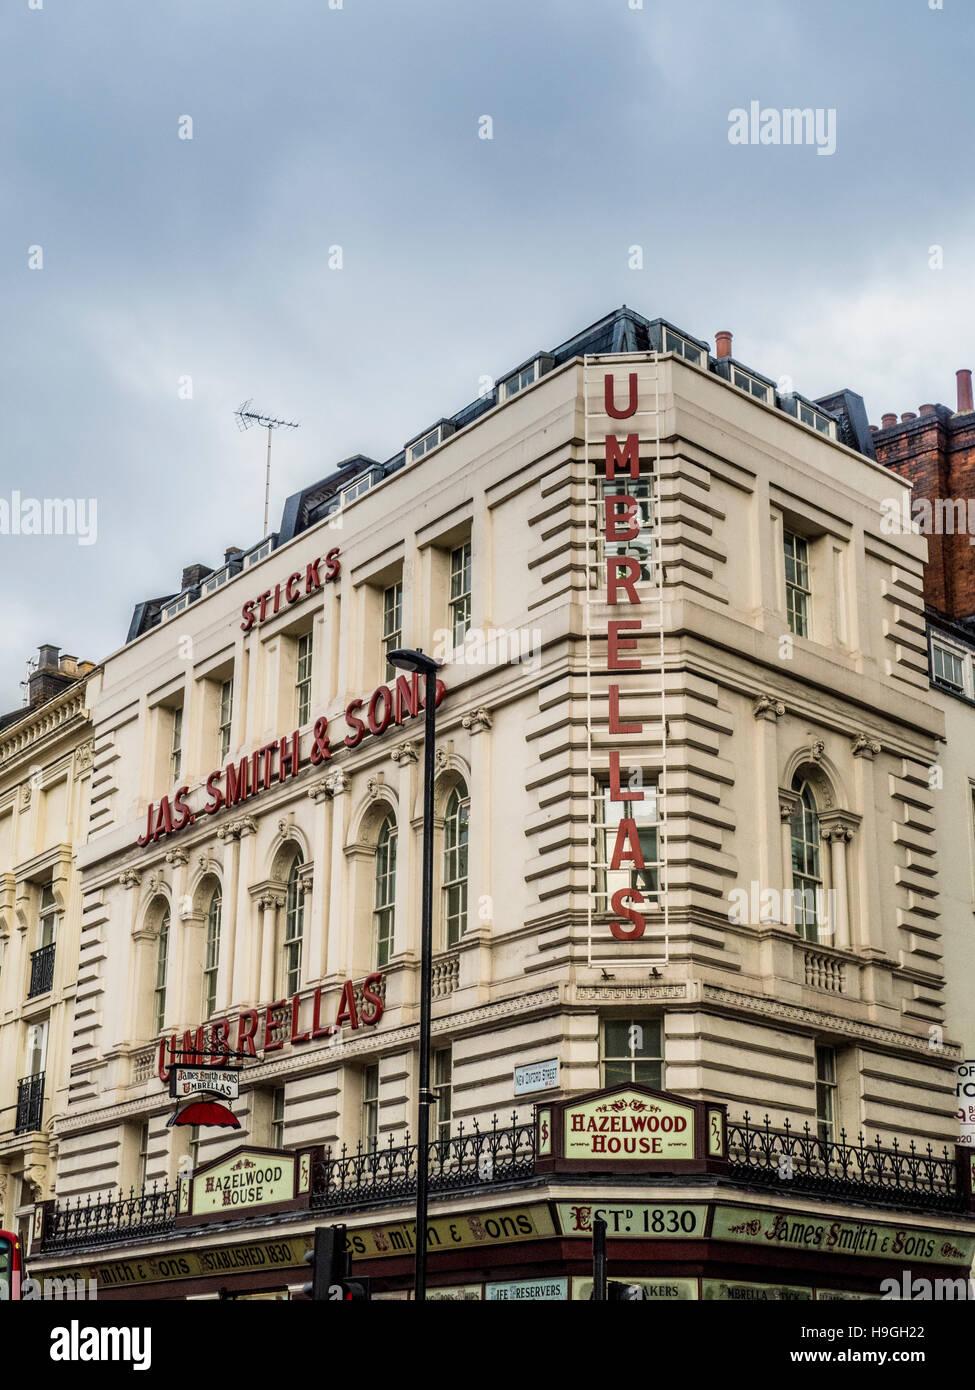 Traditionellen viktorianischen Ladenfront James Smith und Söhne Sonnenschirme, New Oxford street, London, UK. Stockbild